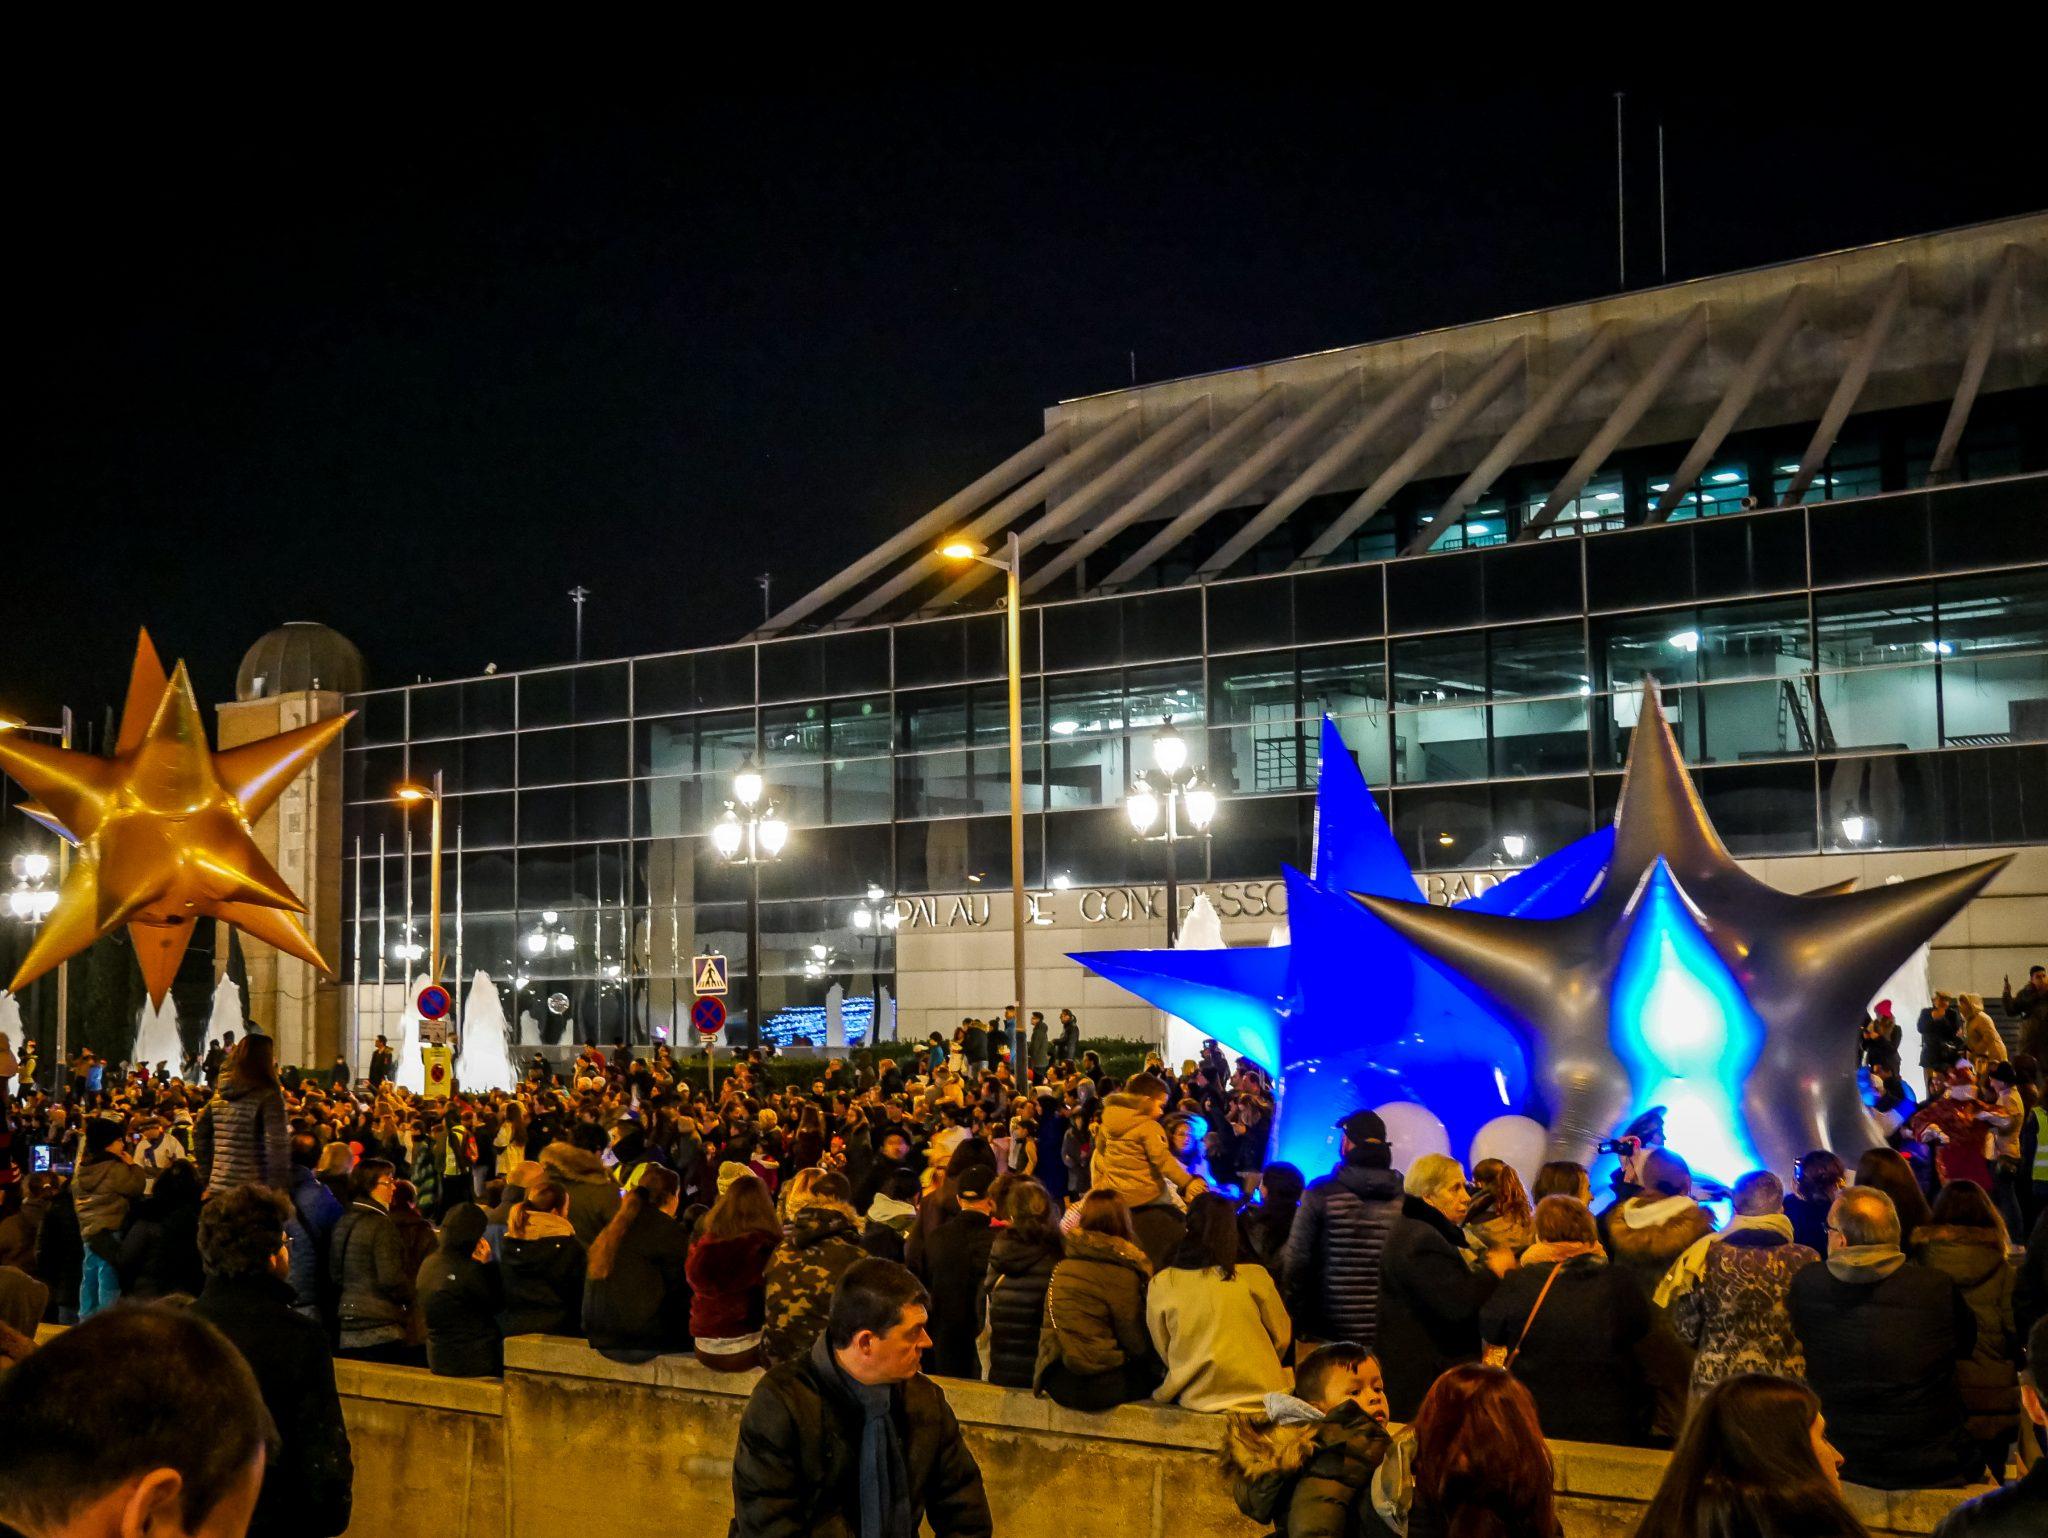 Einen Tag vor dem 6. Januar veranstalten große Städte (wie Barcelona) einen riesigen Umzug, an dem tausende von Menschen teilnehmen und ihn bestaunen.